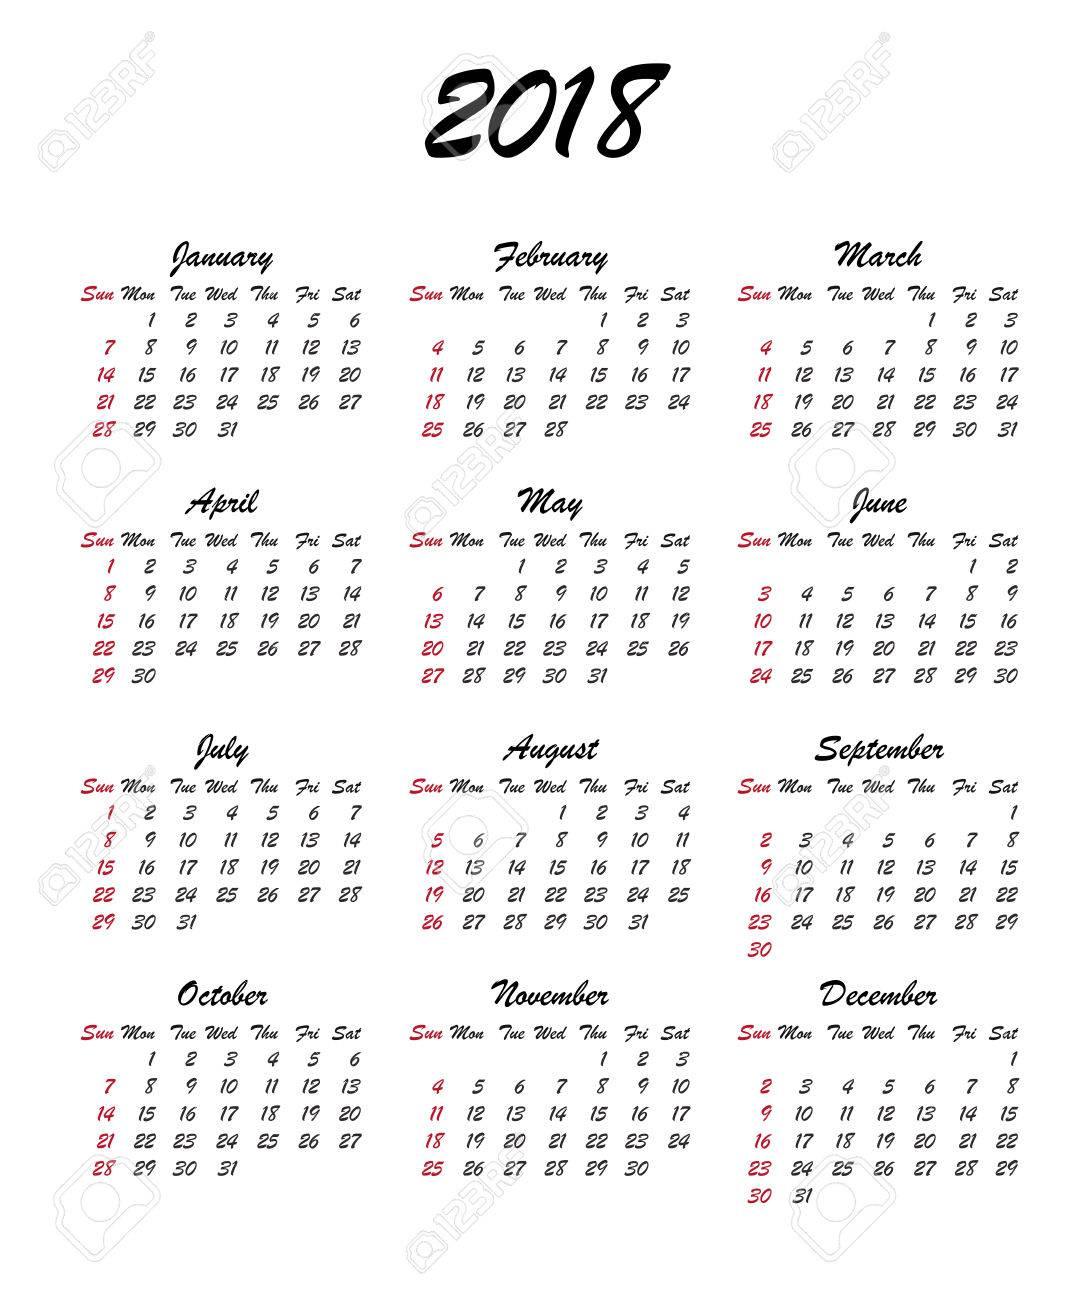 blank 2018 17 calendar